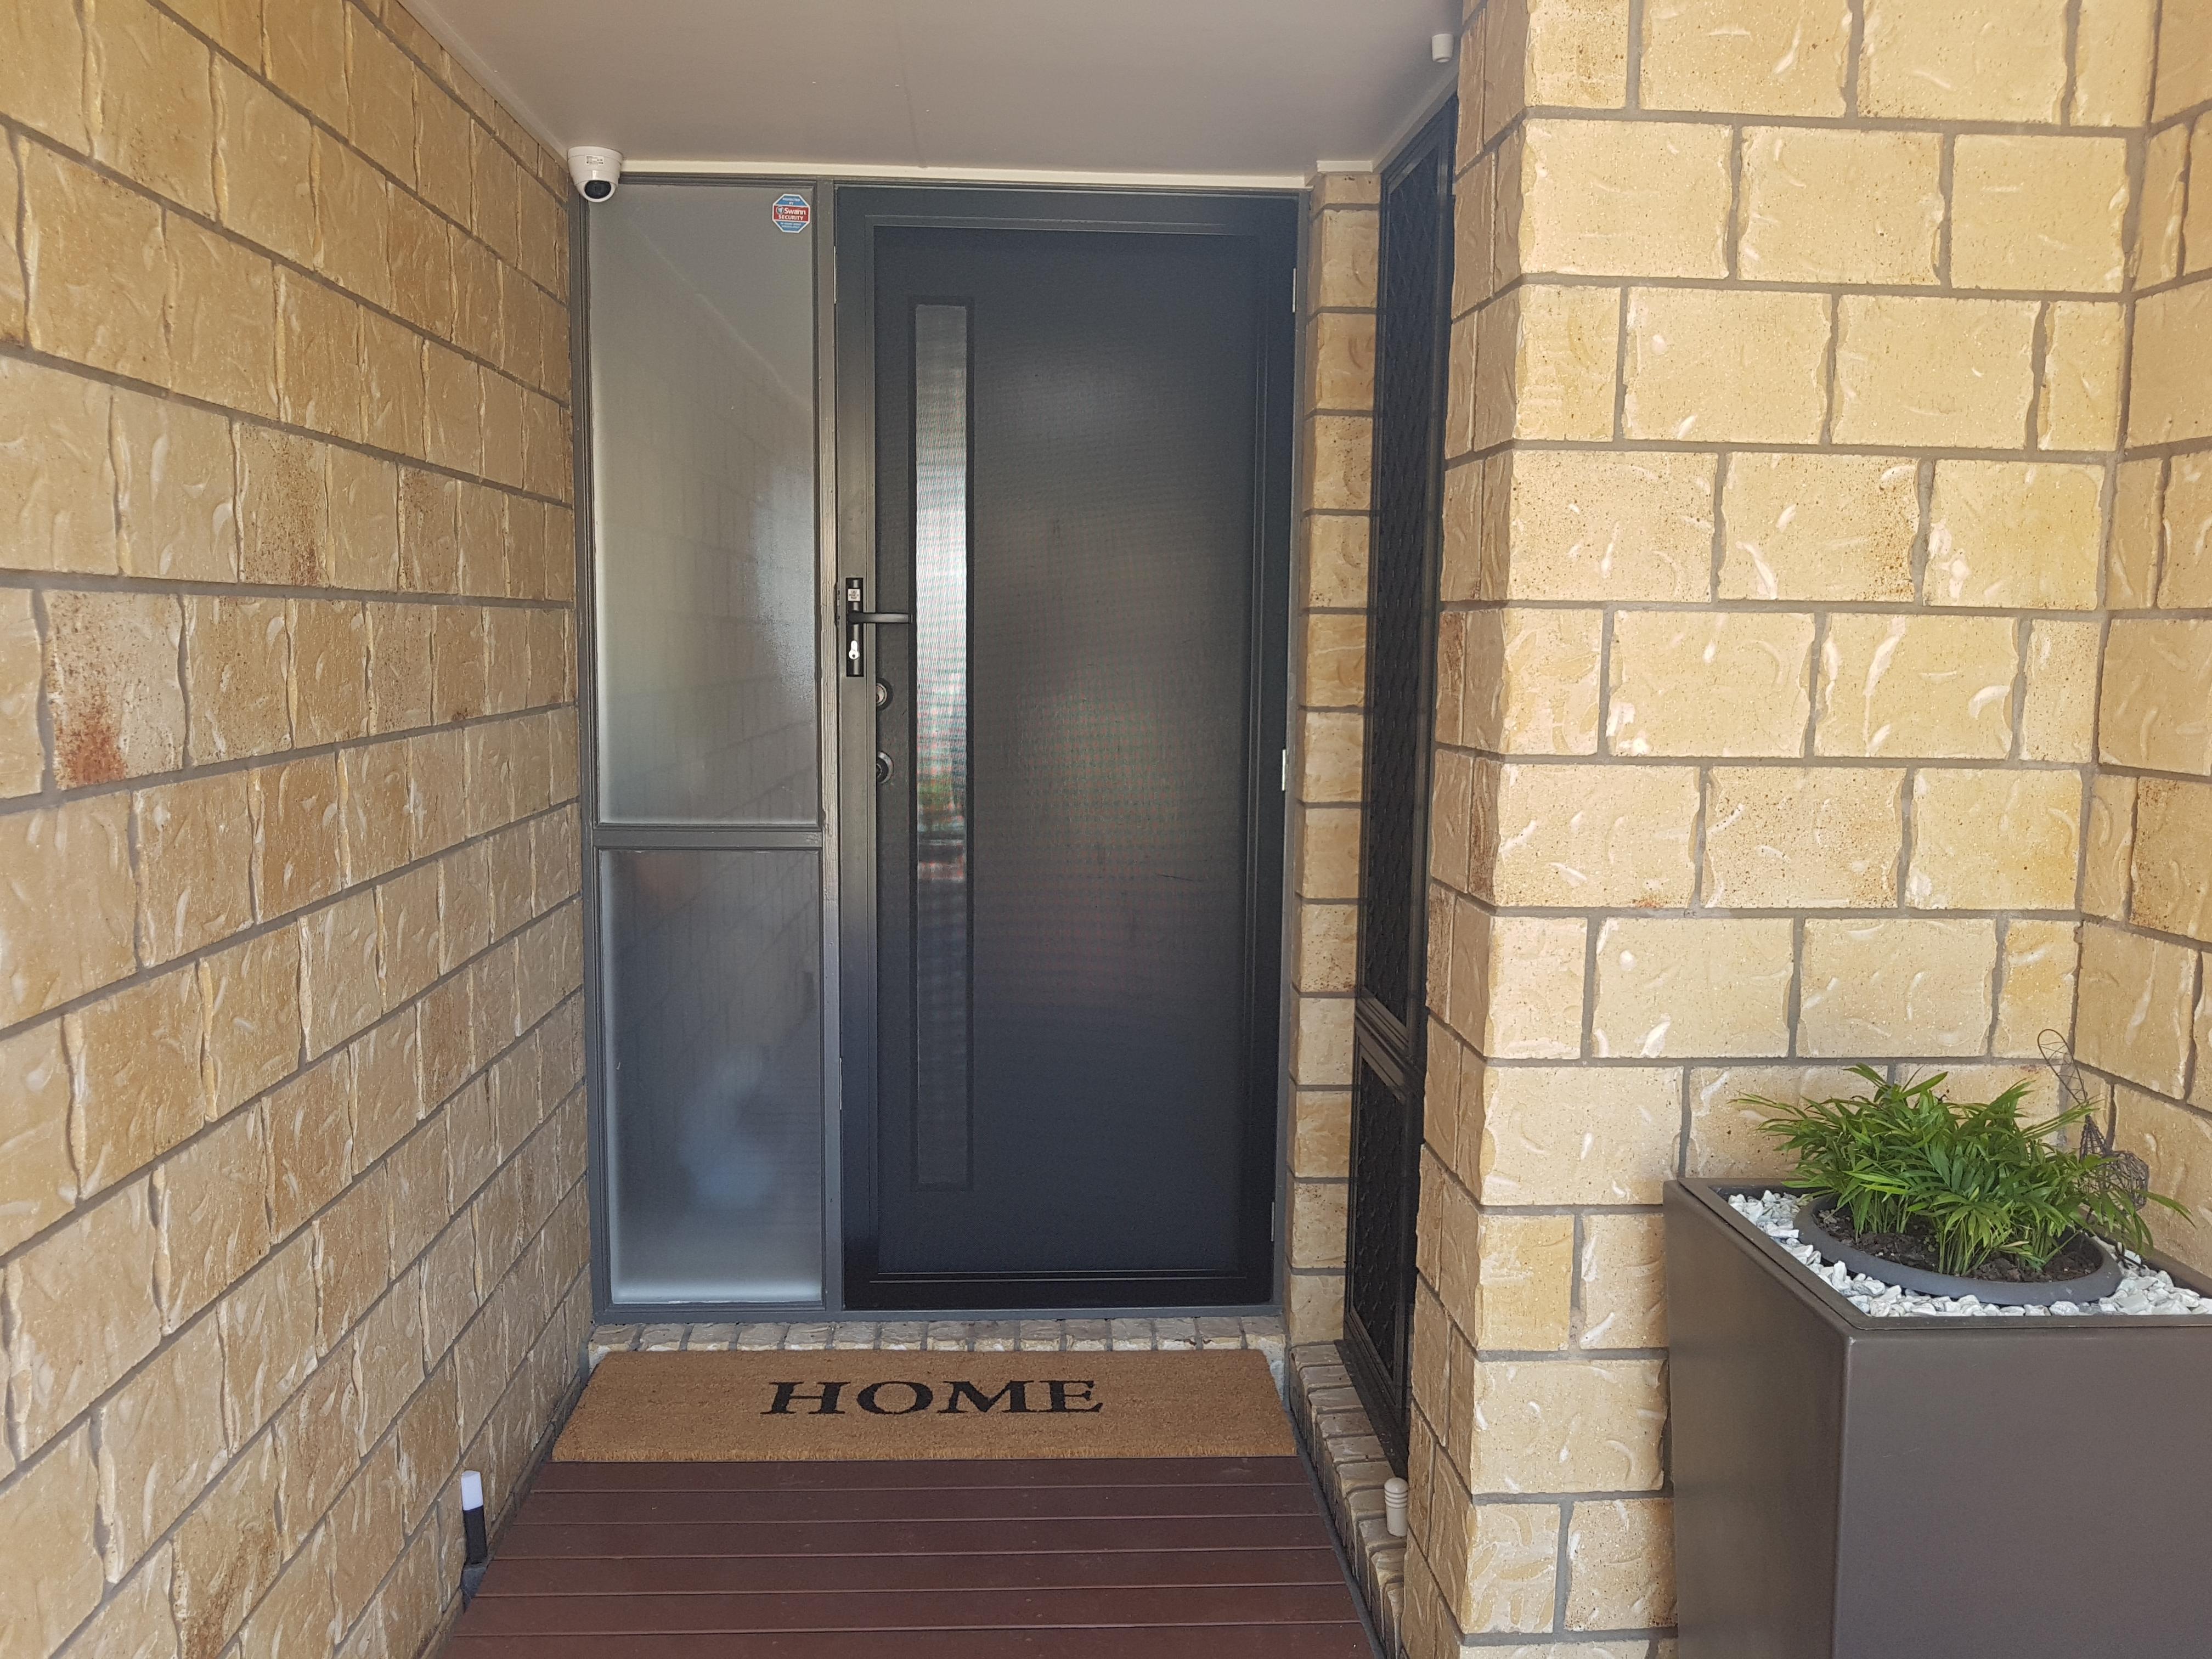 Front security door in stainless steel mesh, Warner